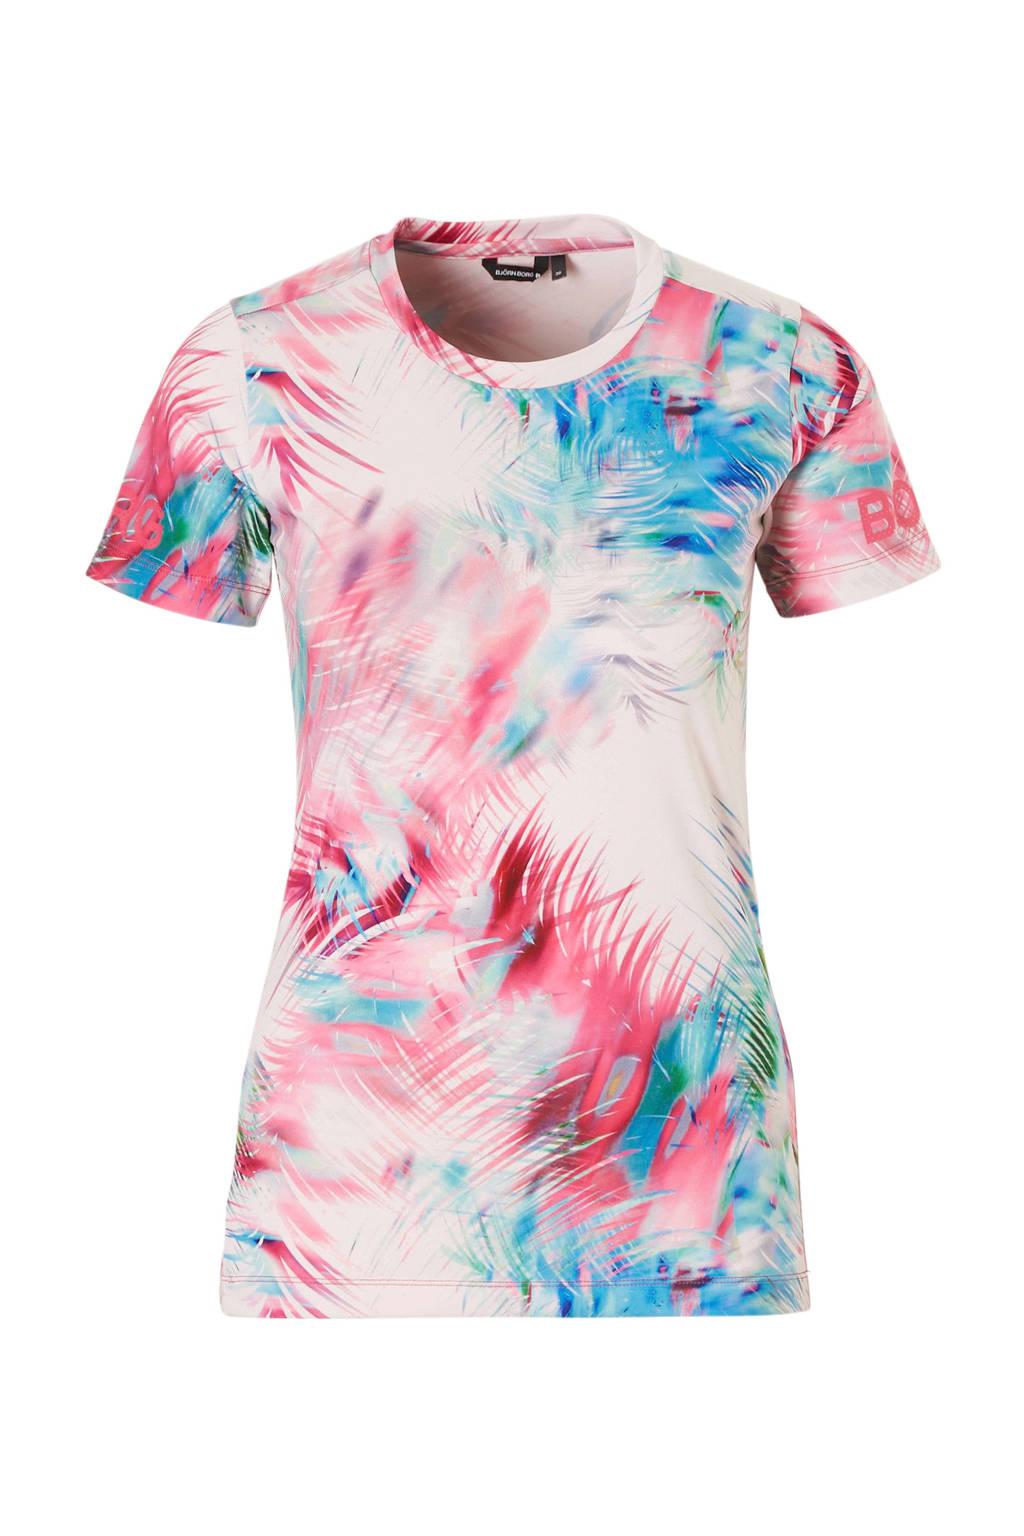 Björn Borg sport T-shirt, Roze/blauw/groen